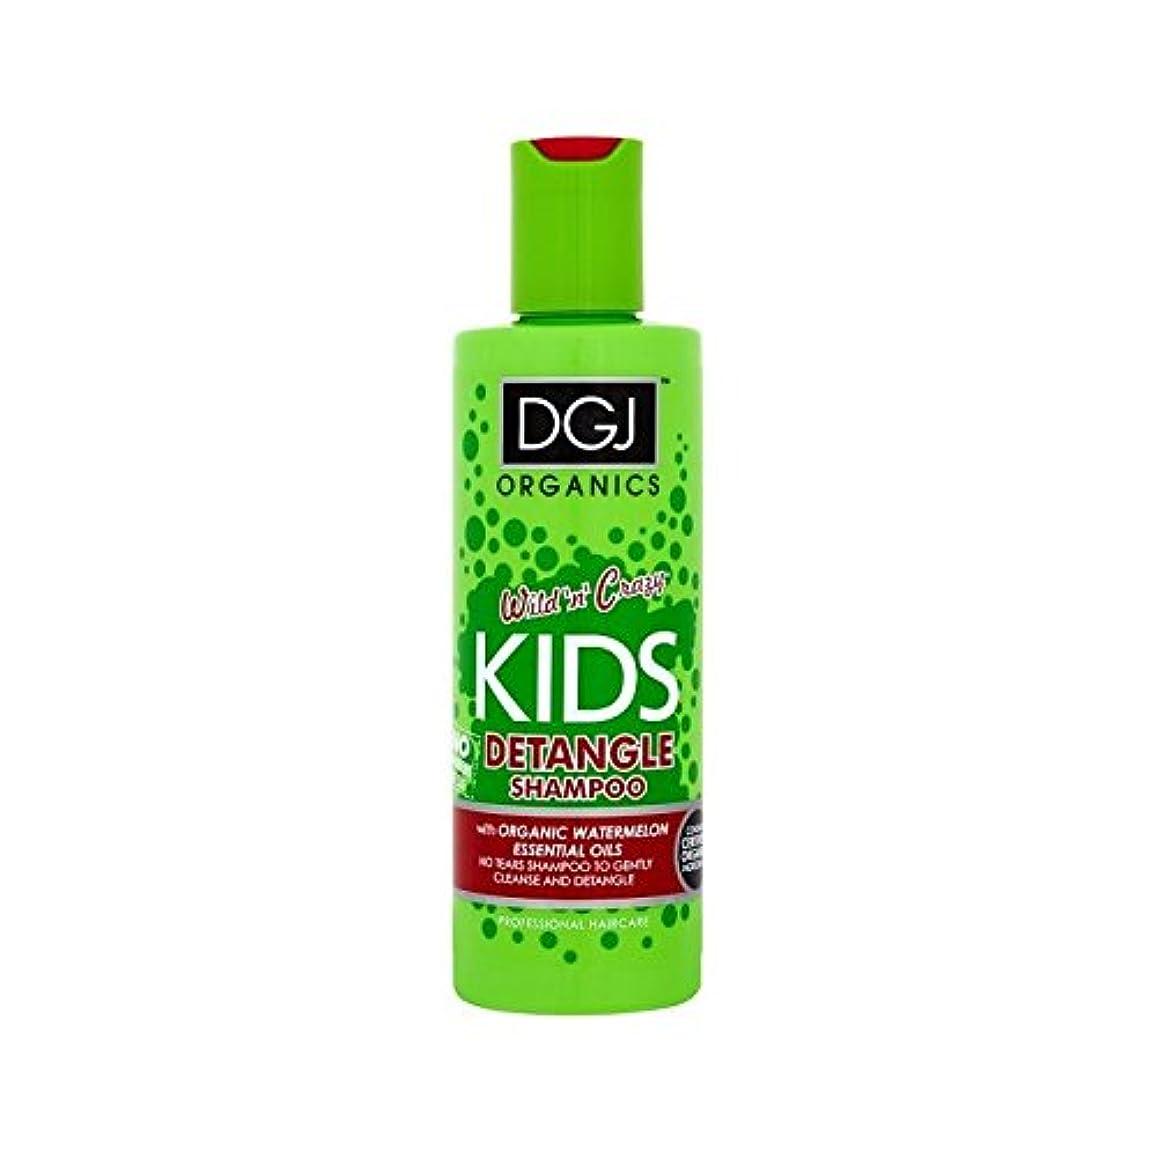 発行する対人戸惑うDgj子供たちはシャンプー250ミリリットルをもつれ解除スイカ (DGJ Organics) (x 2) - DGJ Kids Watermelon Detangling Shampoo 250ml (Pack of 2) [並行輸入品]